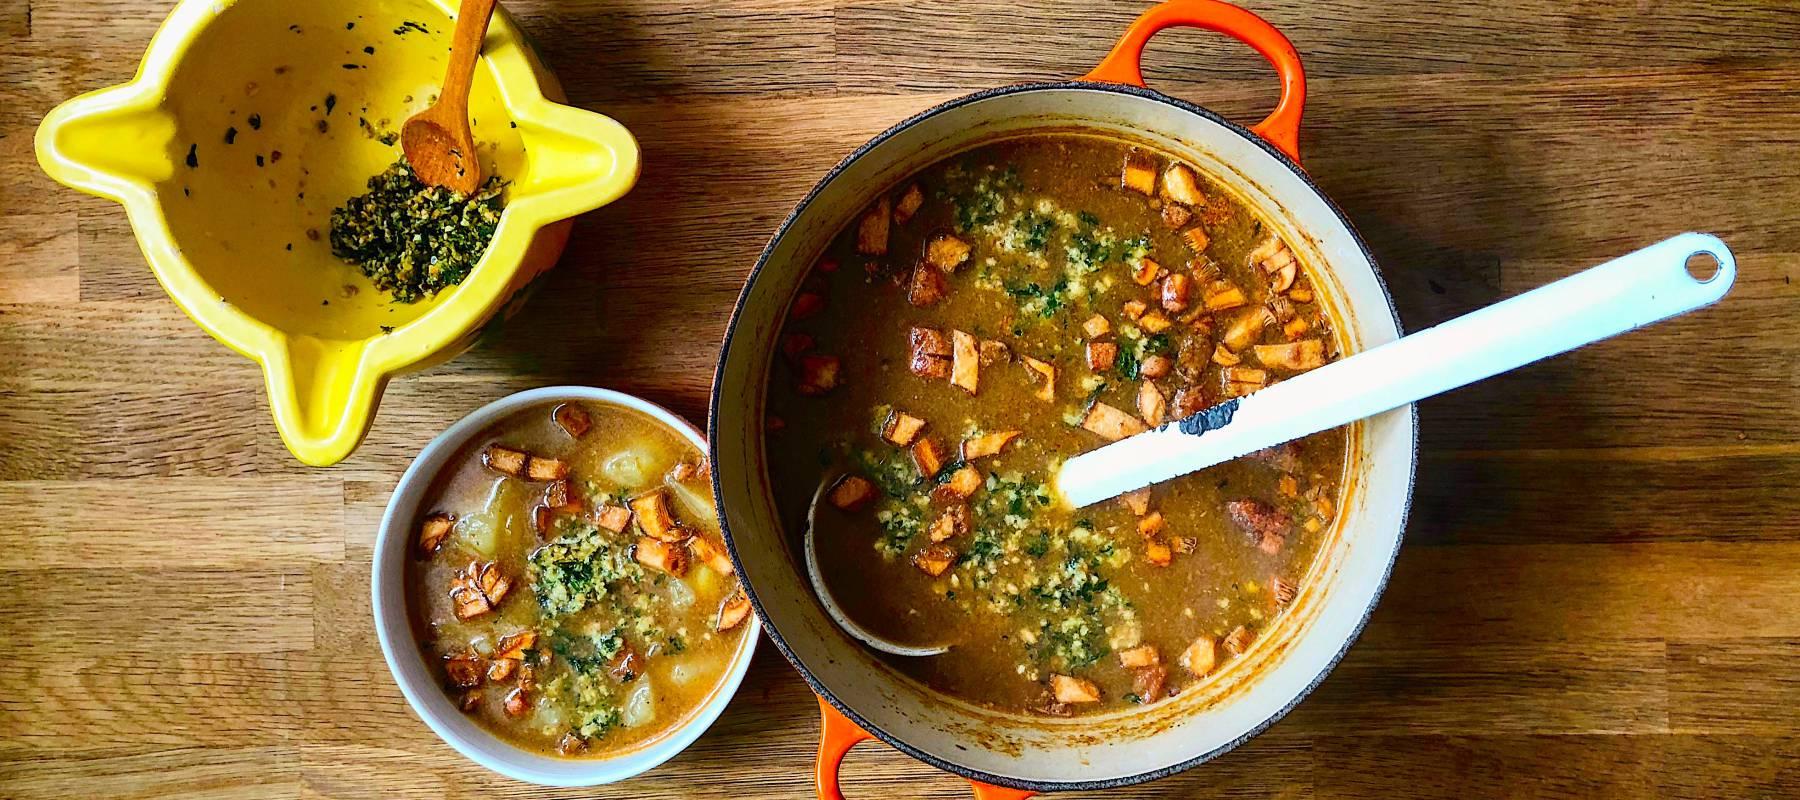 Sopa de níscalos y patata con picada de avellanas